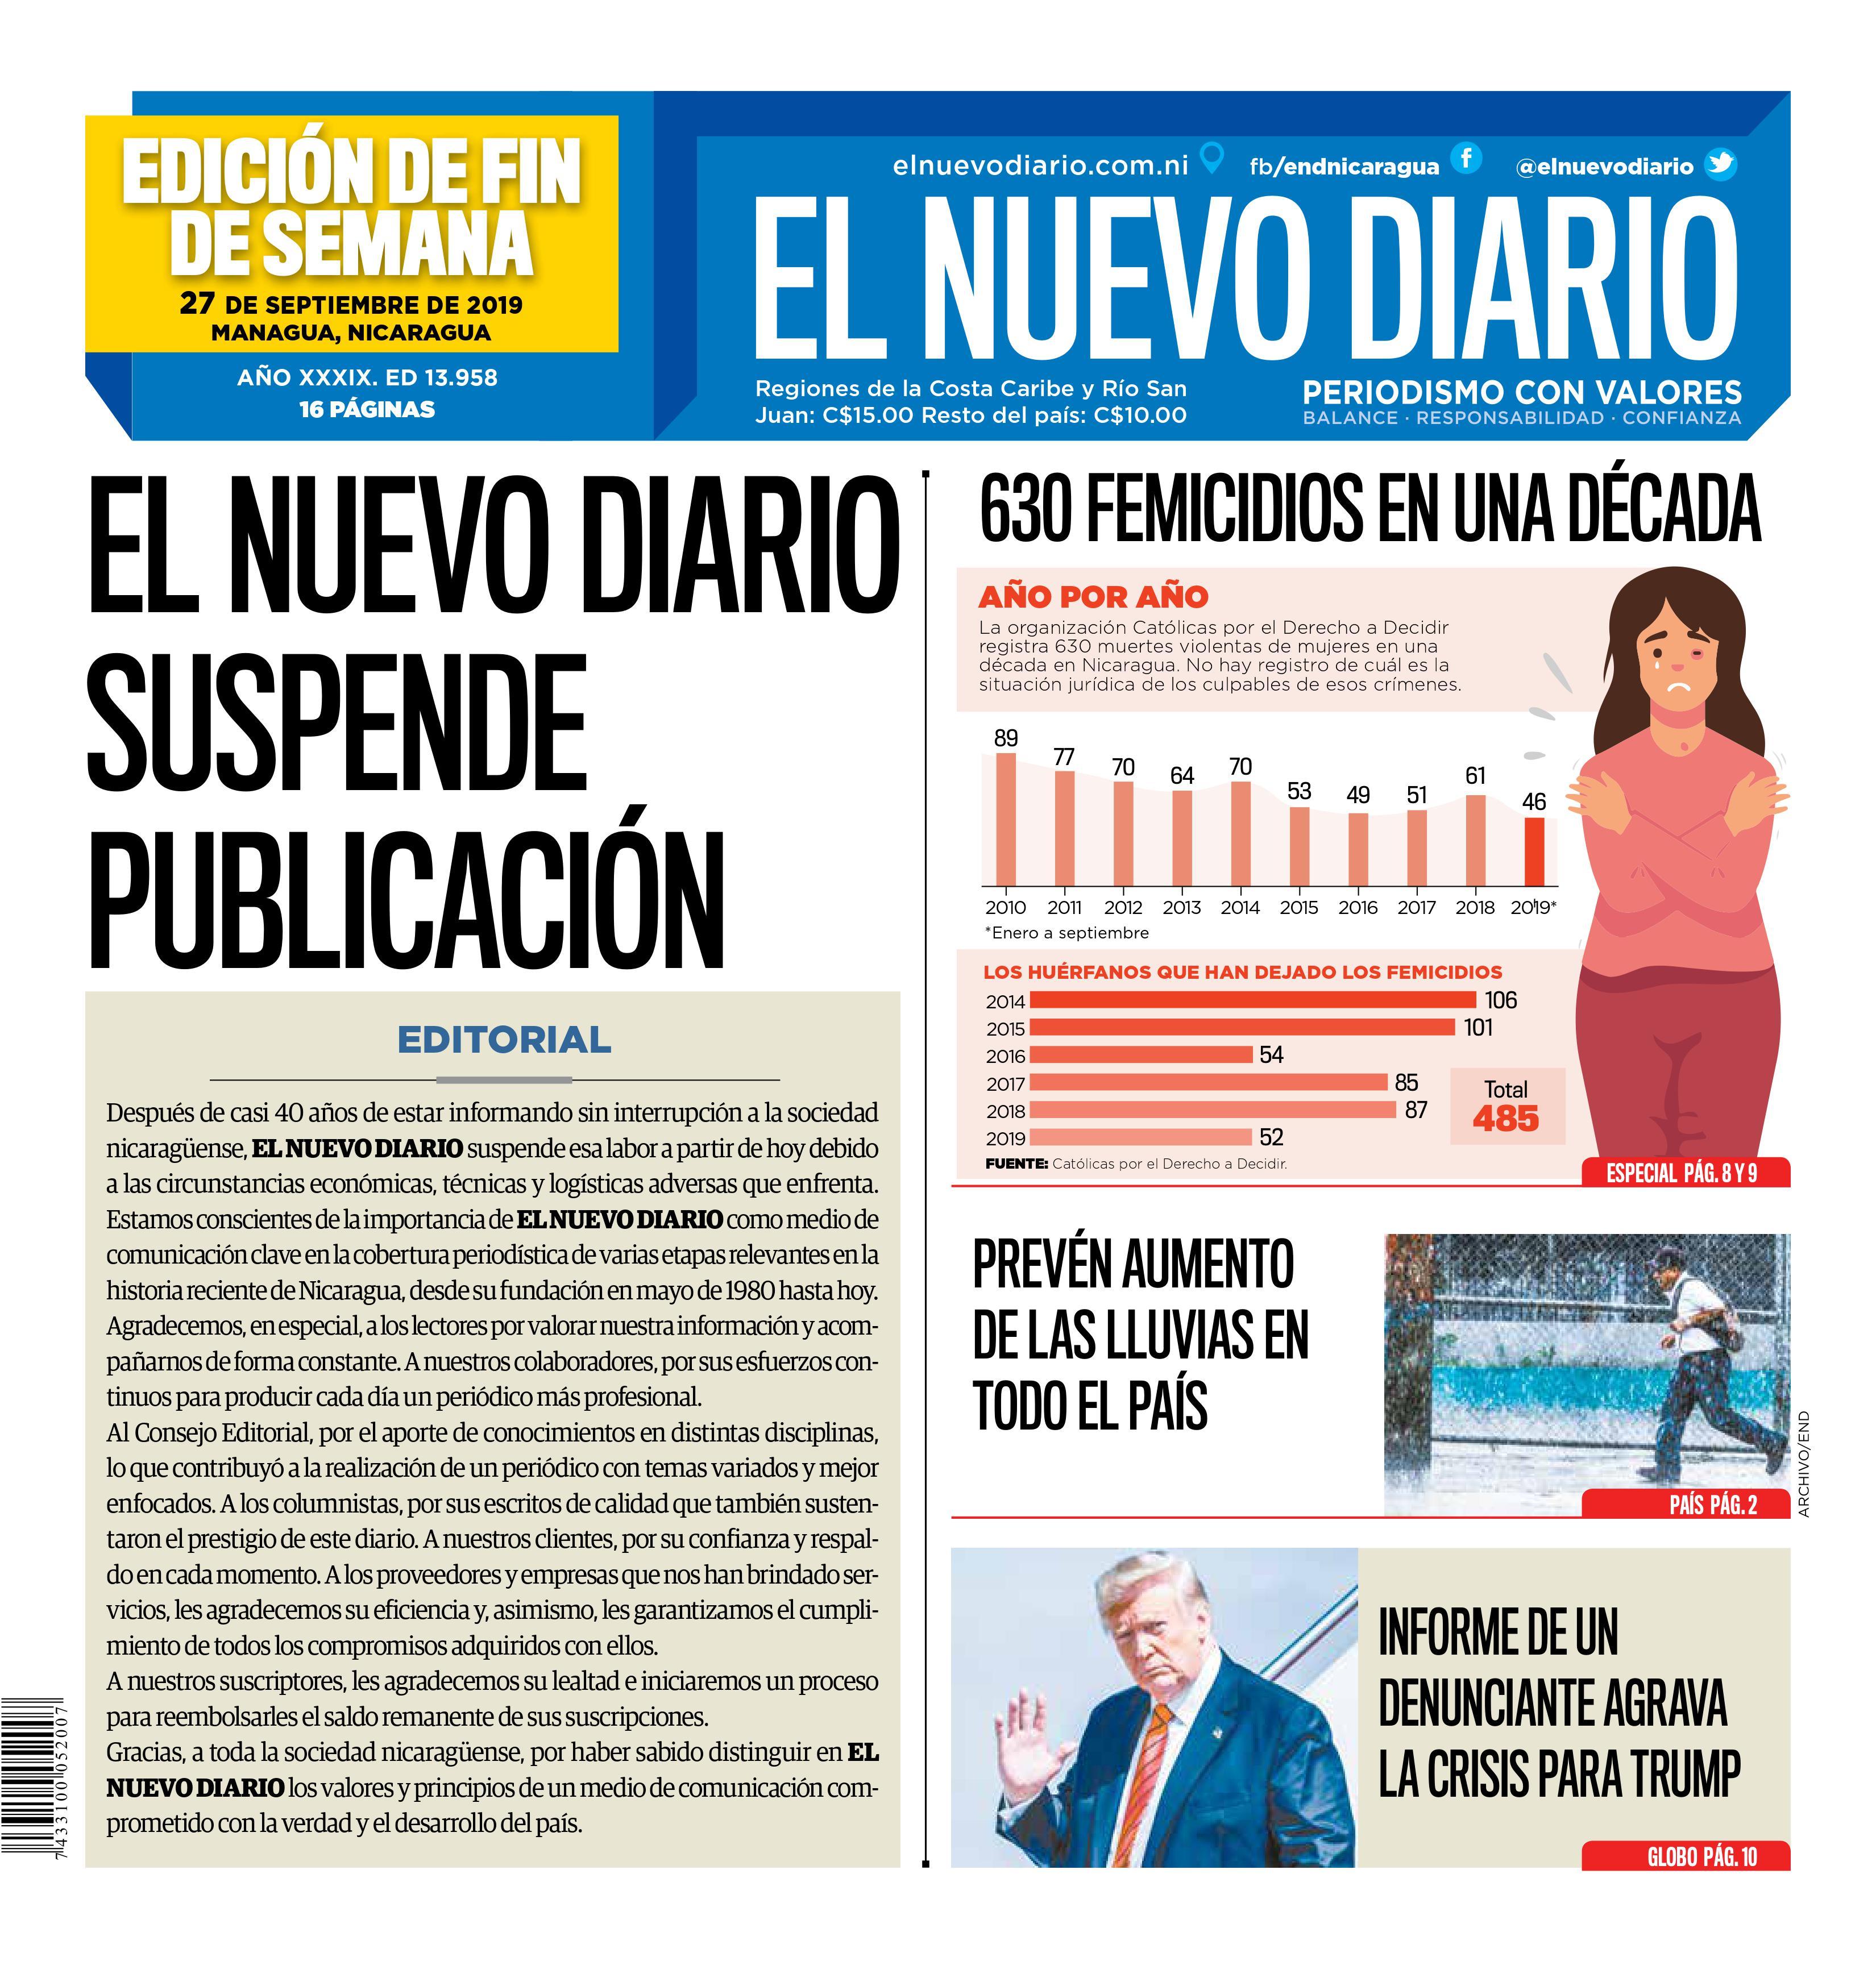 El Nuevo Diario publicó un editorial confirmando la suspensión de sus publicaciones y agradeciendo a sus lectores. Cortesía: El Nuevo Diario